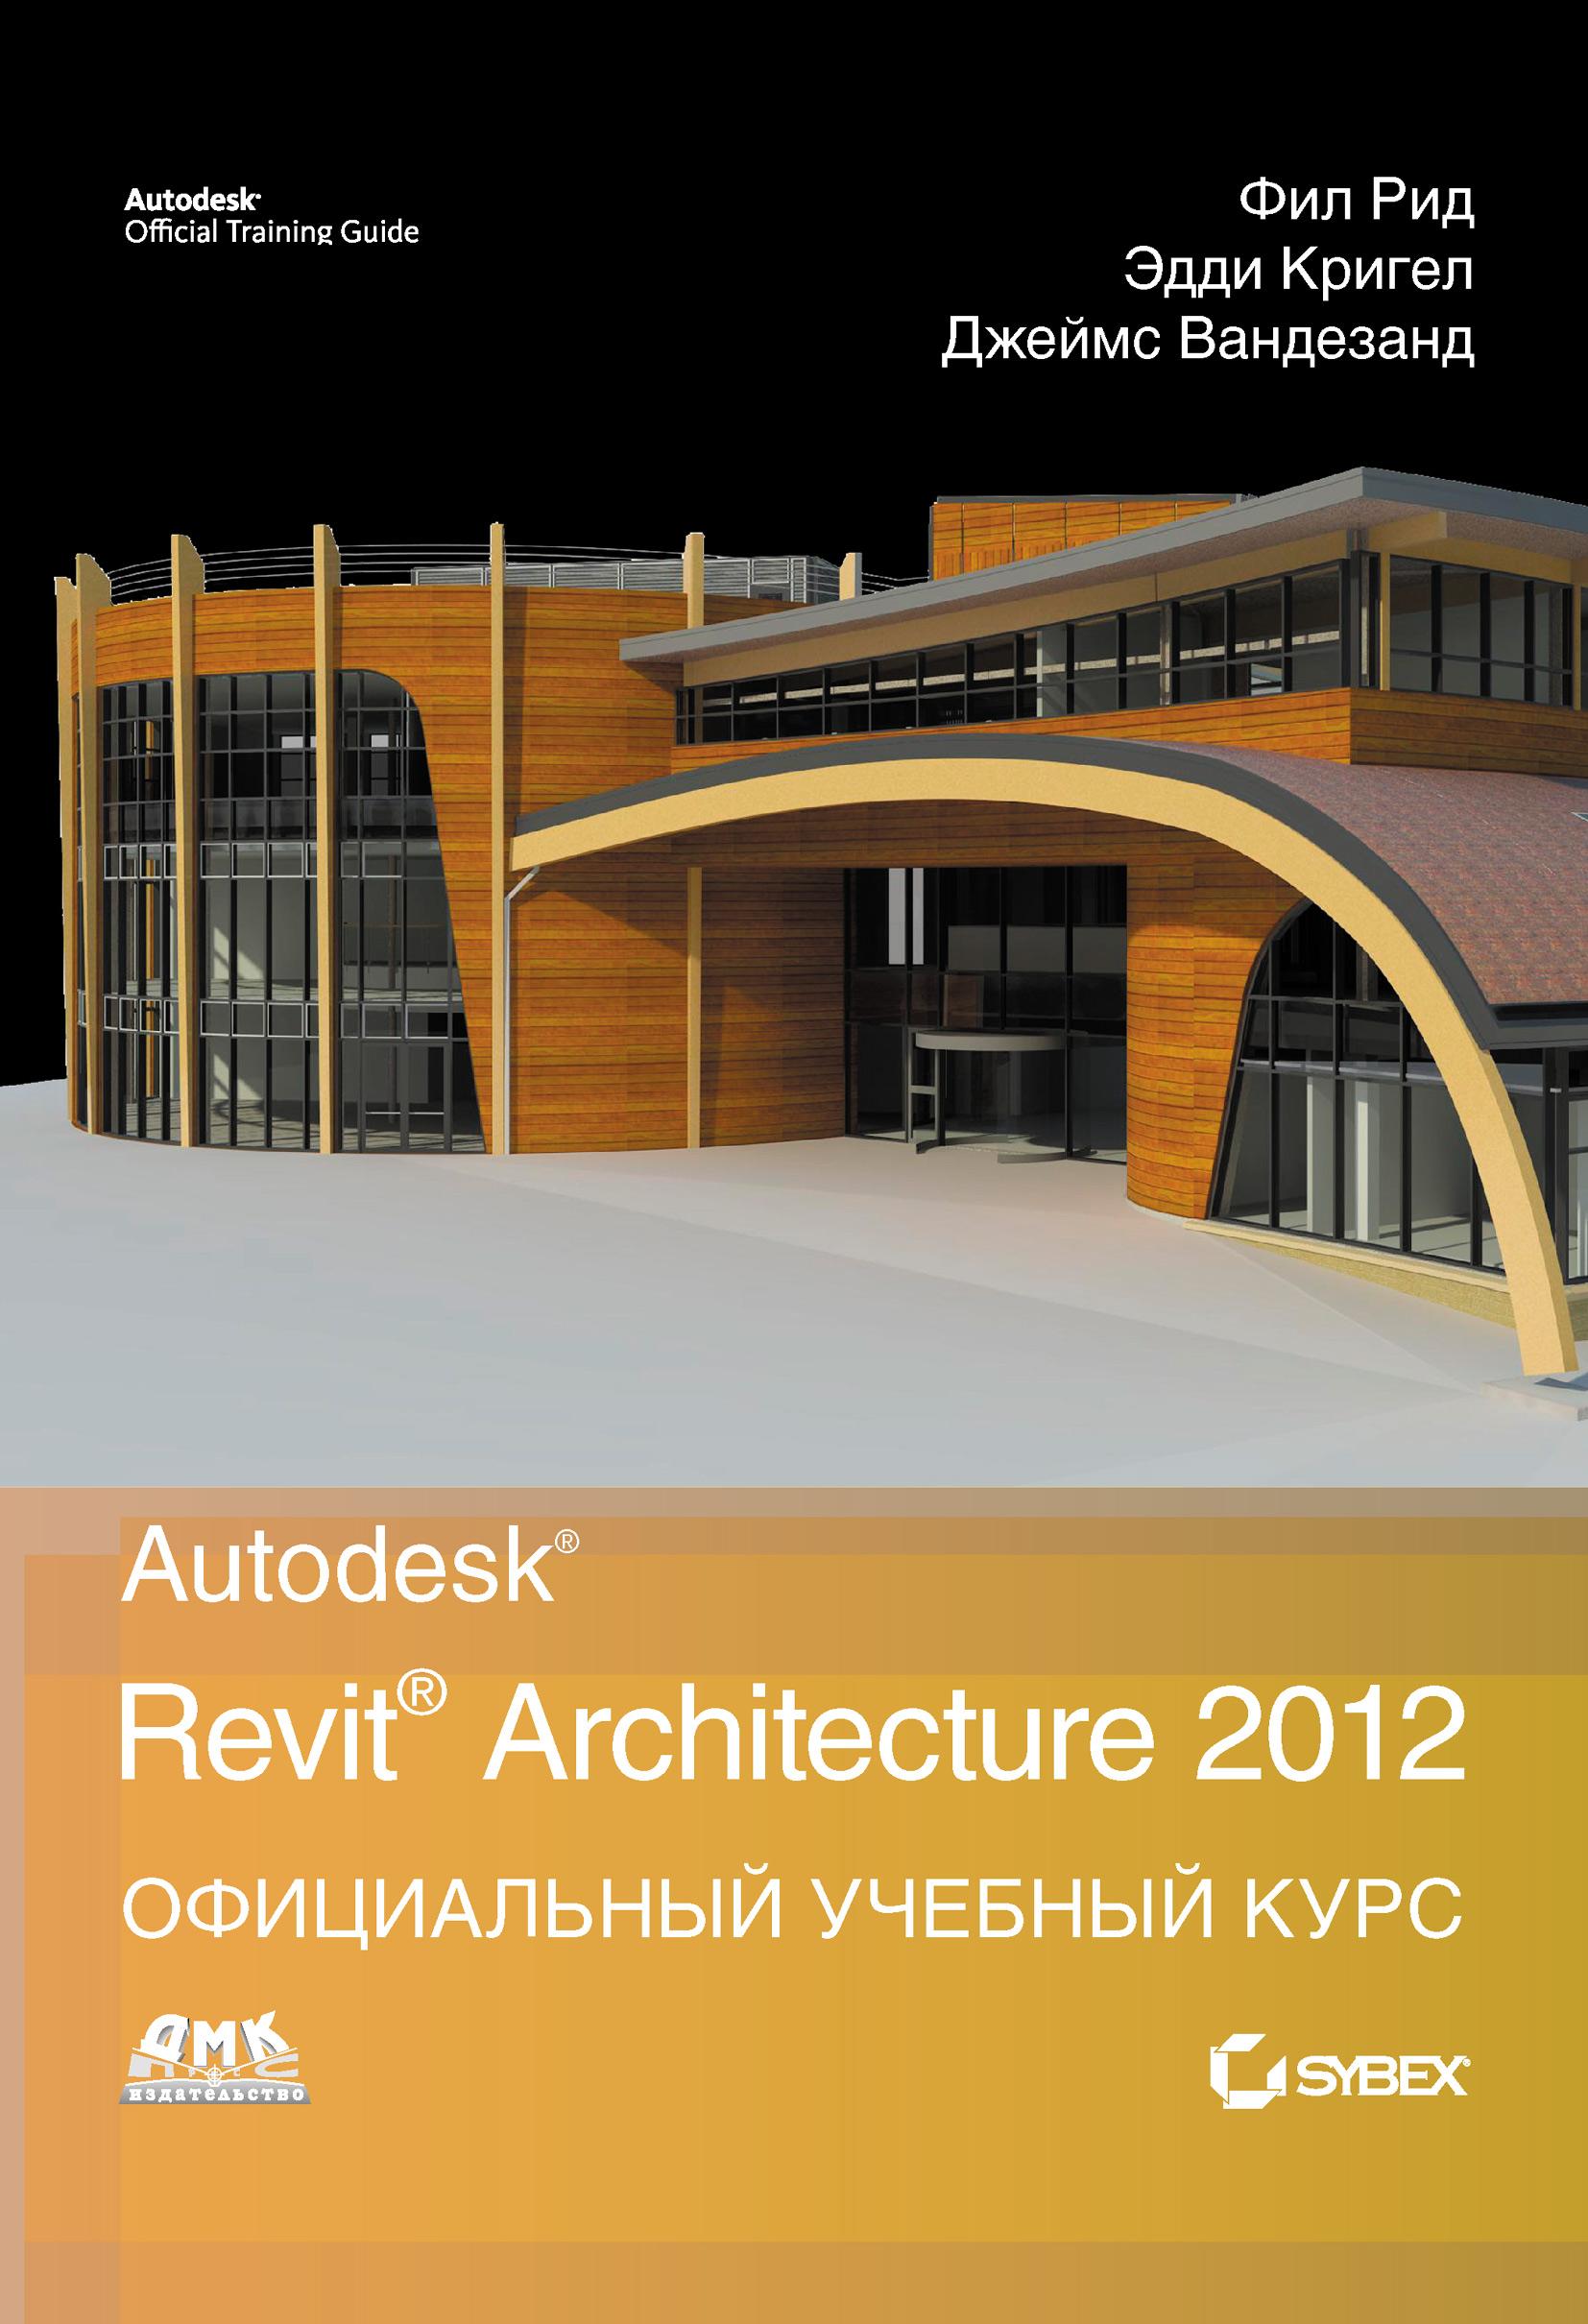 Autodesk Revit Architecture 2012. Официальный учебный курс